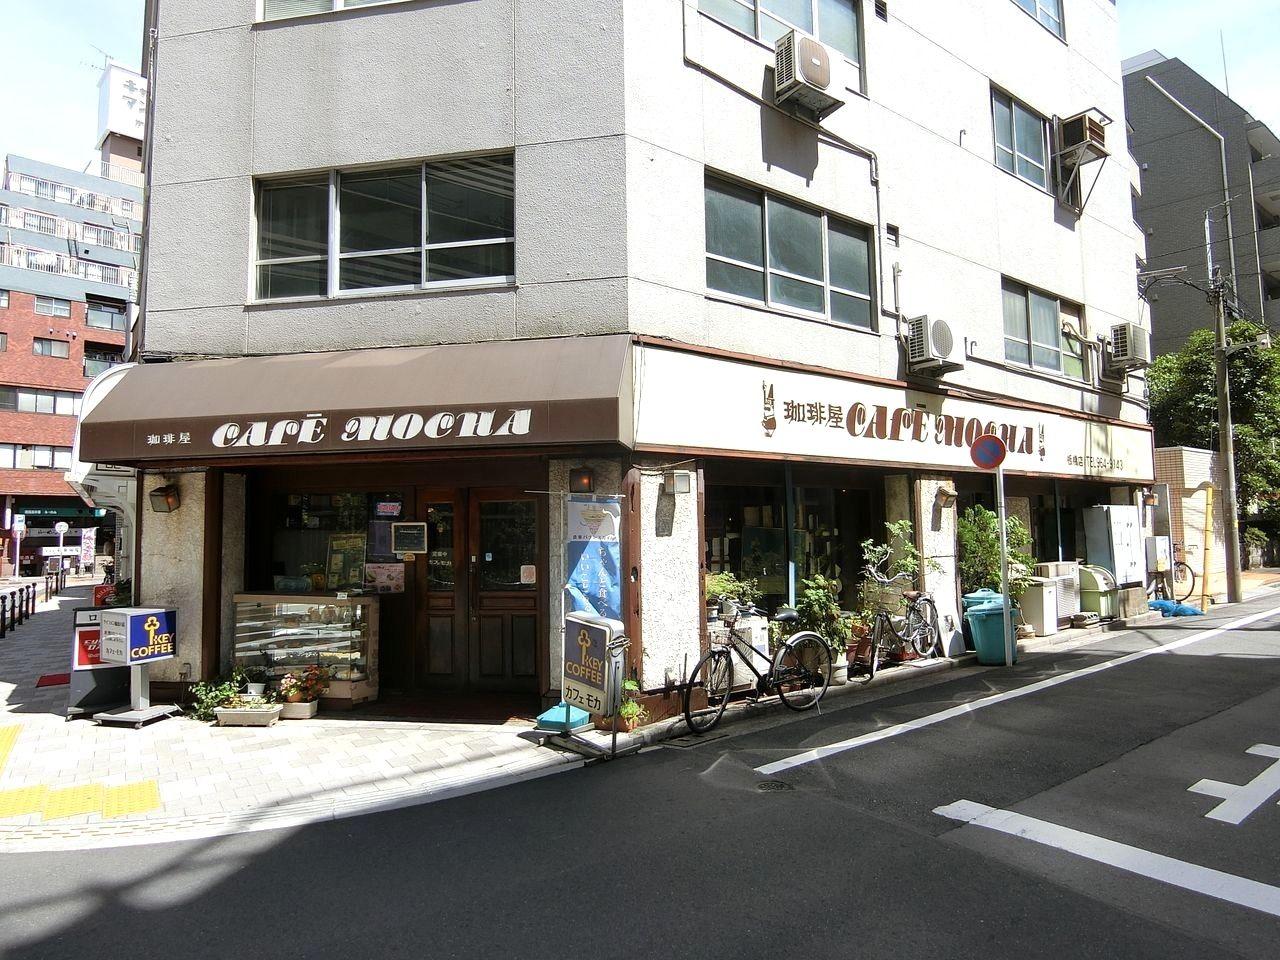 板橋区役所前の喫茶店カフェモカ